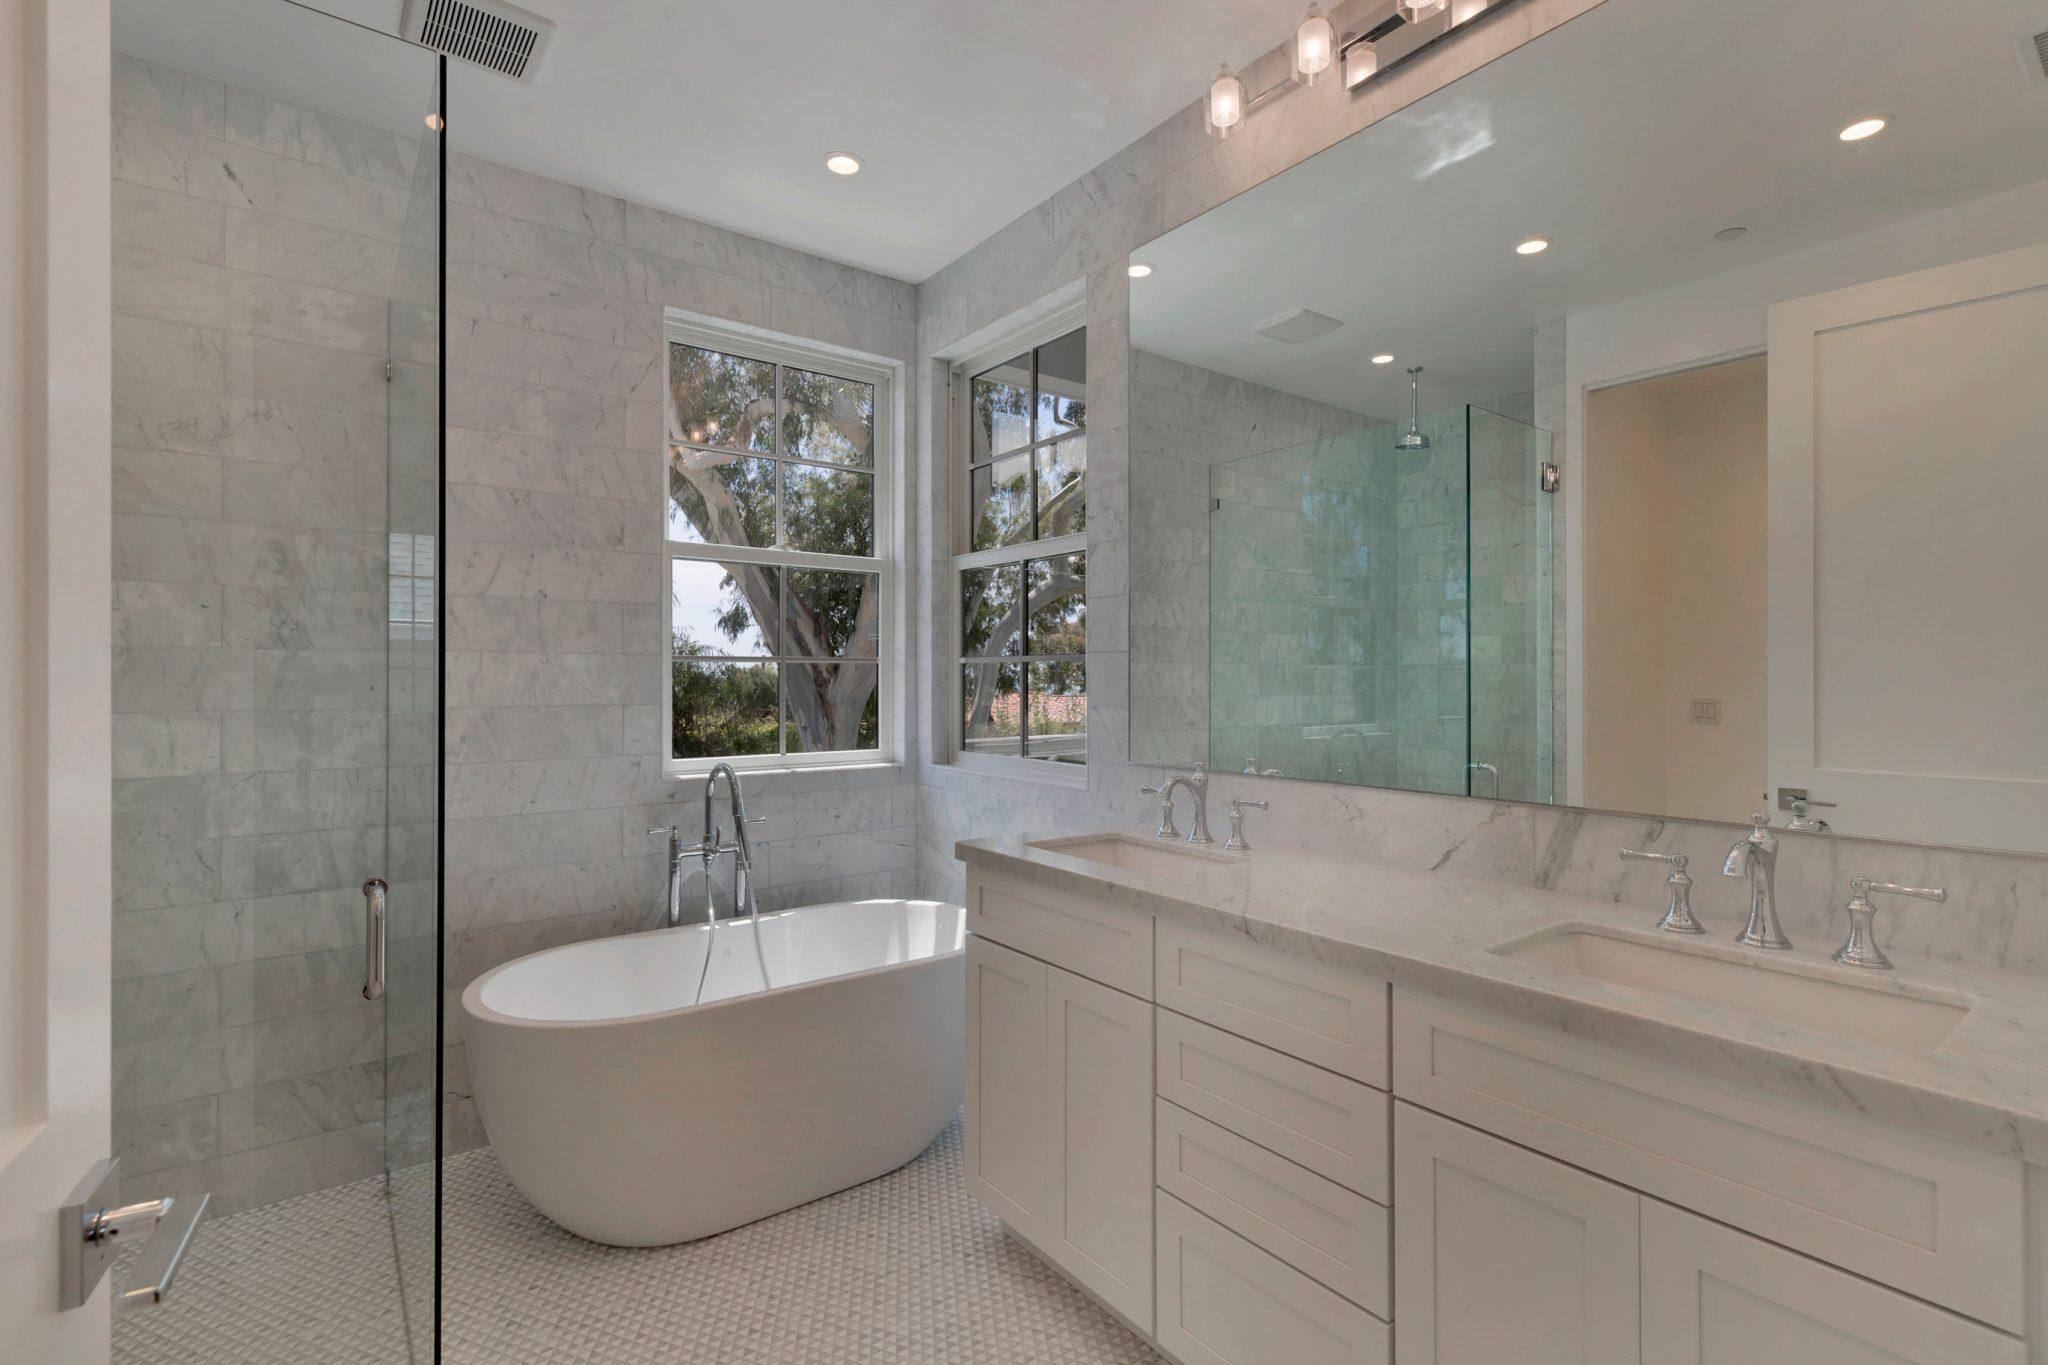 5543 Waverly Bathroom Photos